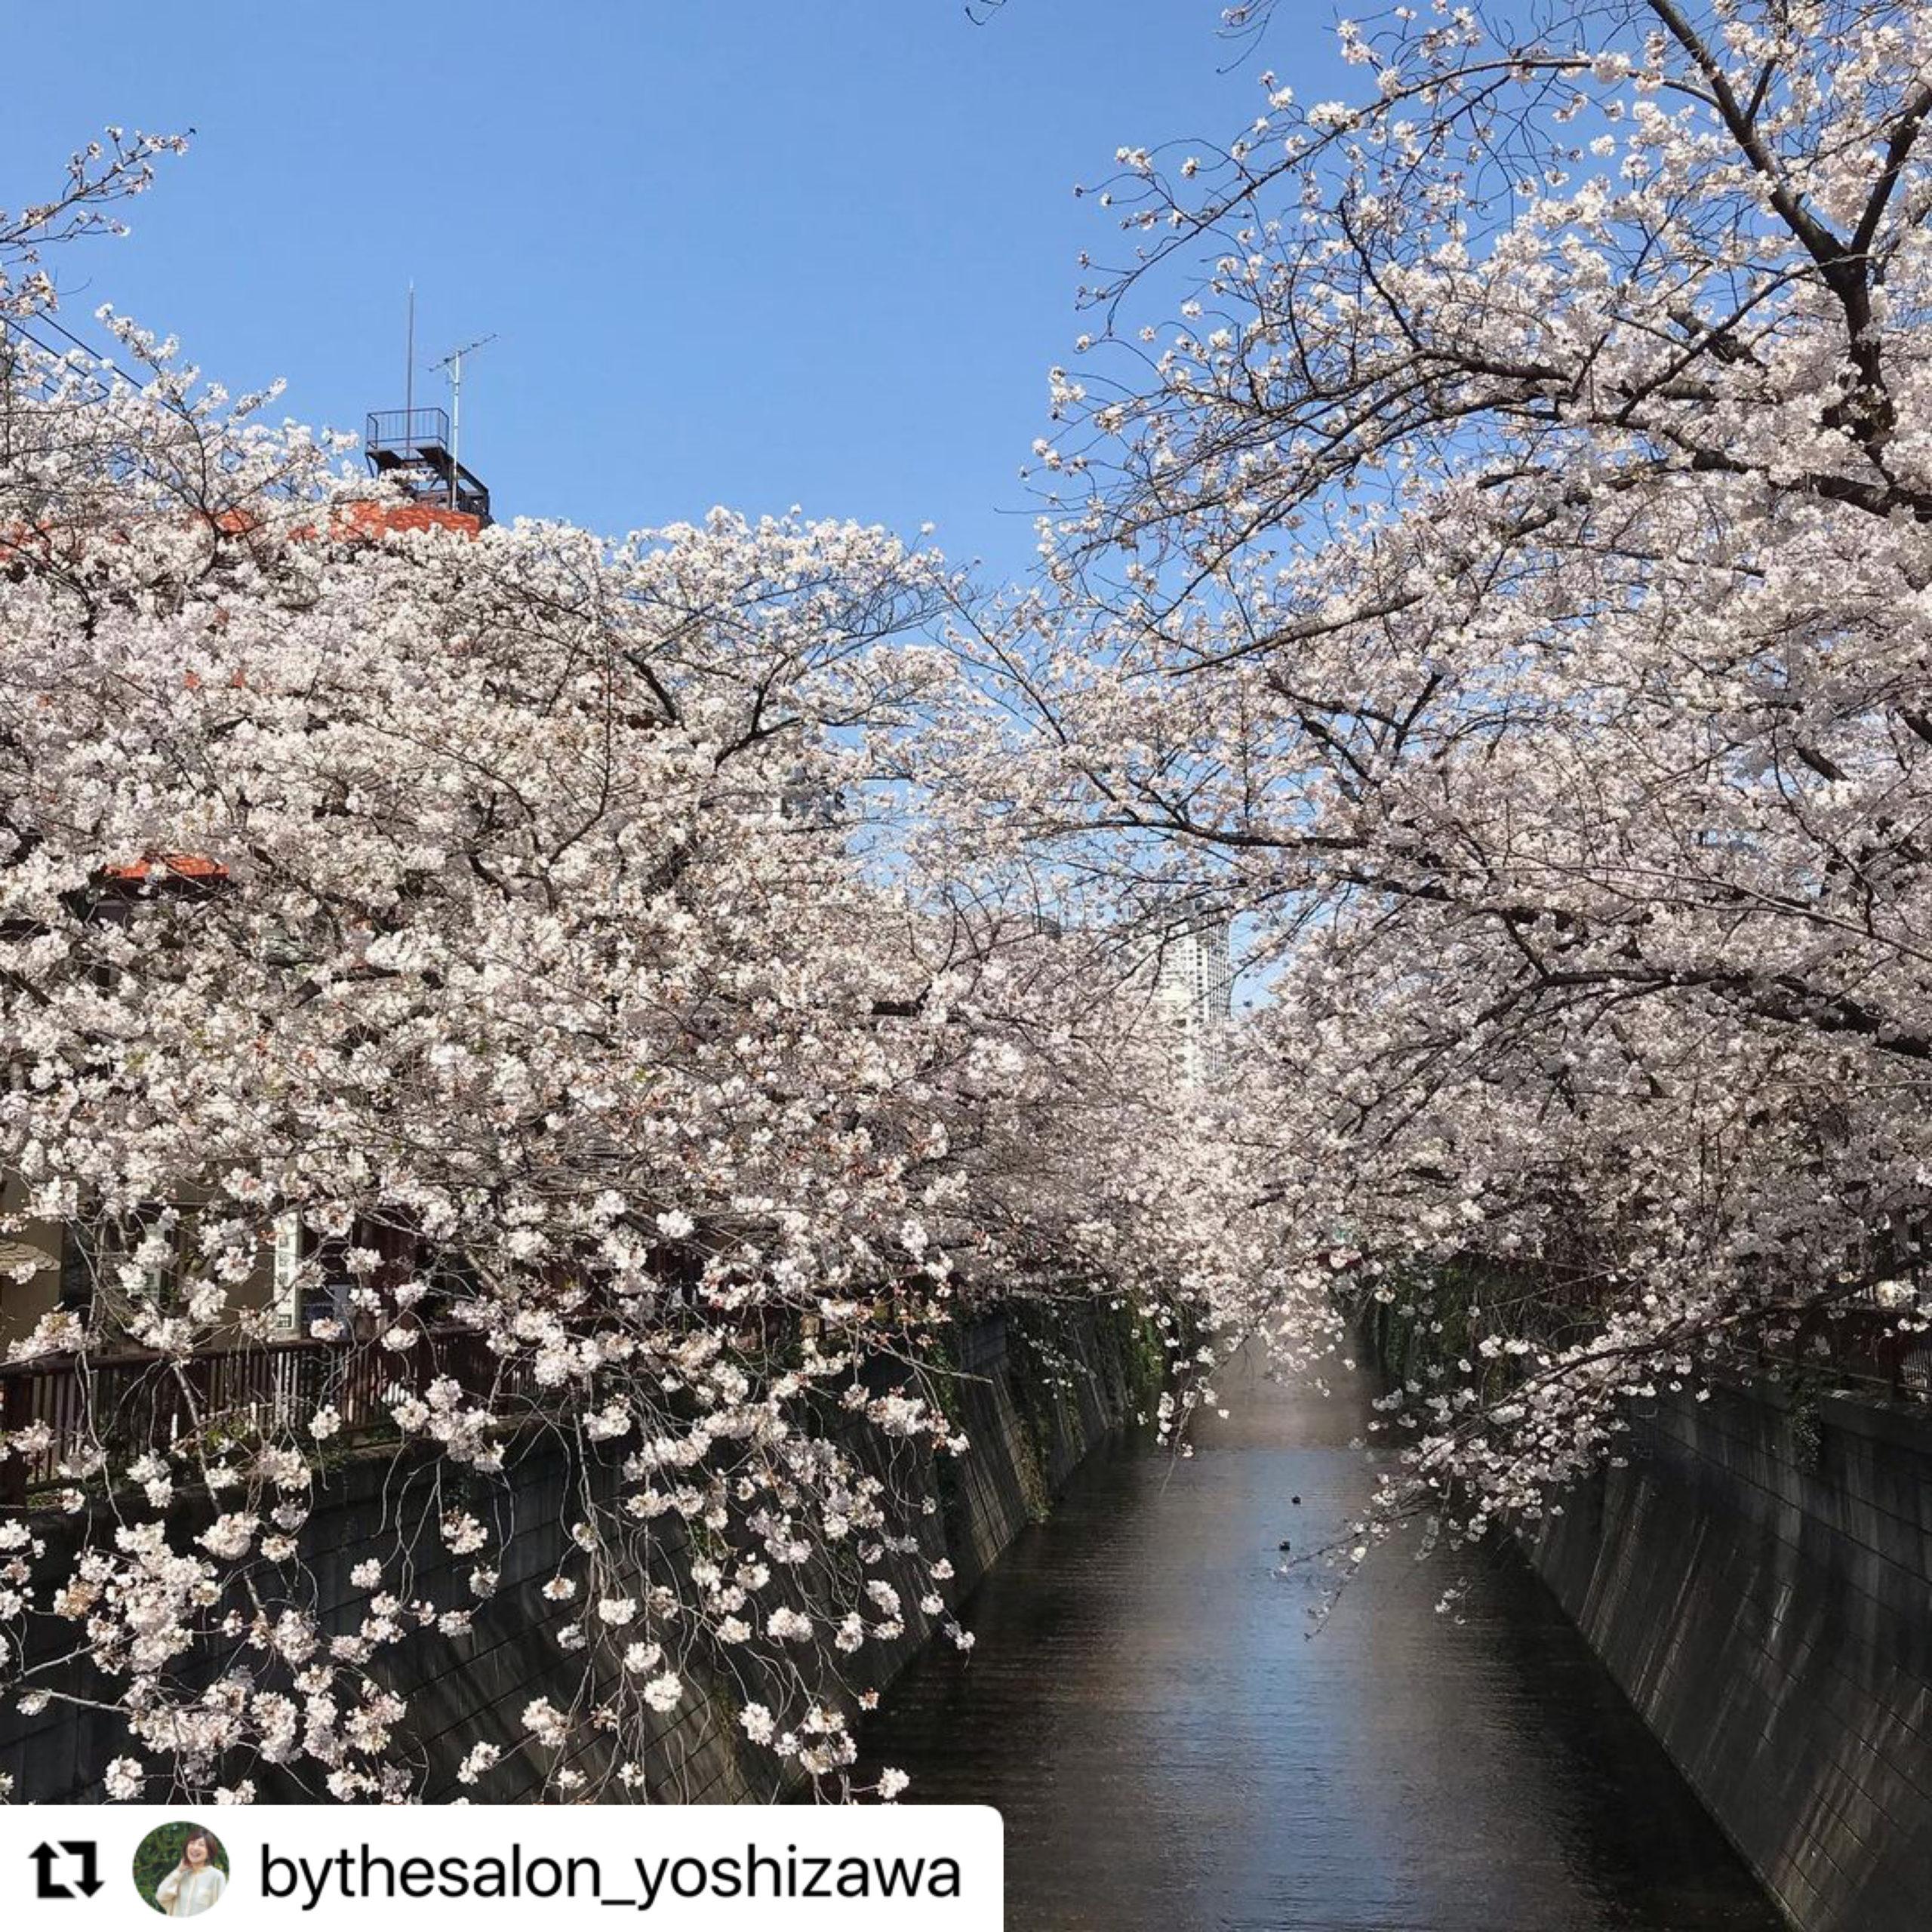 目黒川 桜 満開